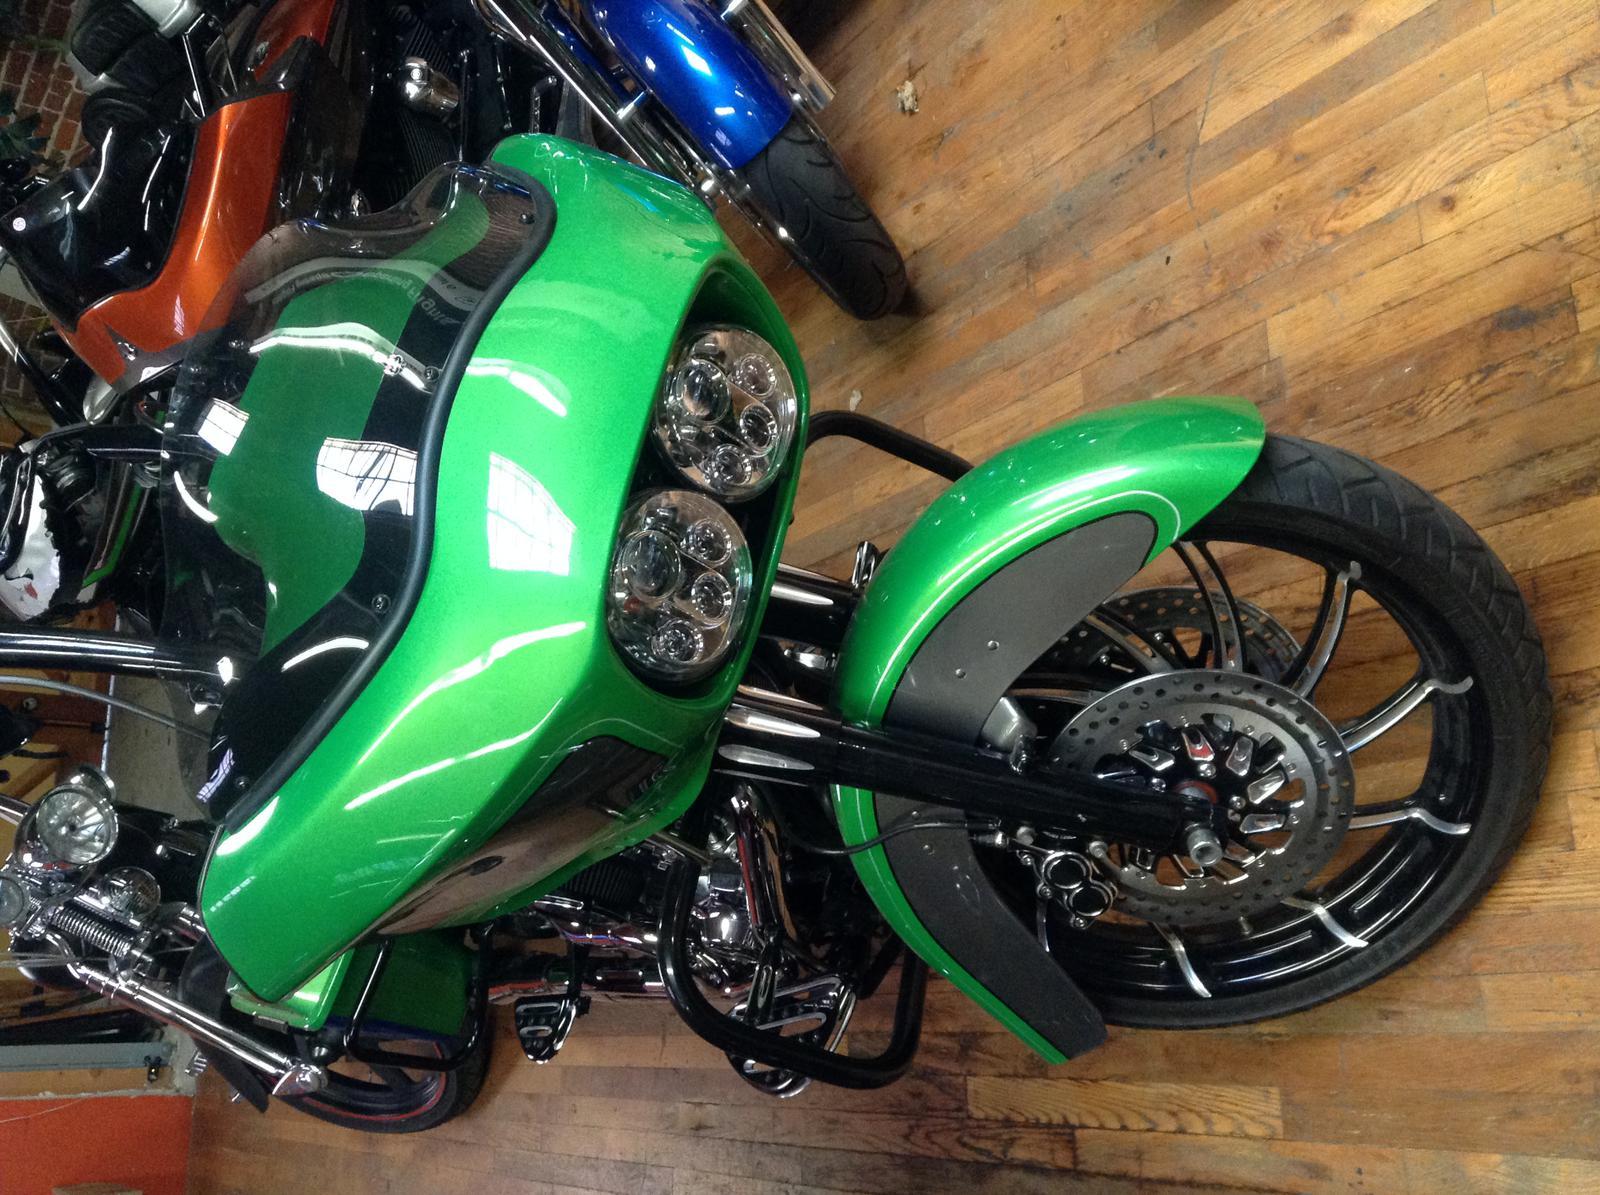 2011 Harley Davidson Road Glide For Sale In Los Angeles Ca Hog